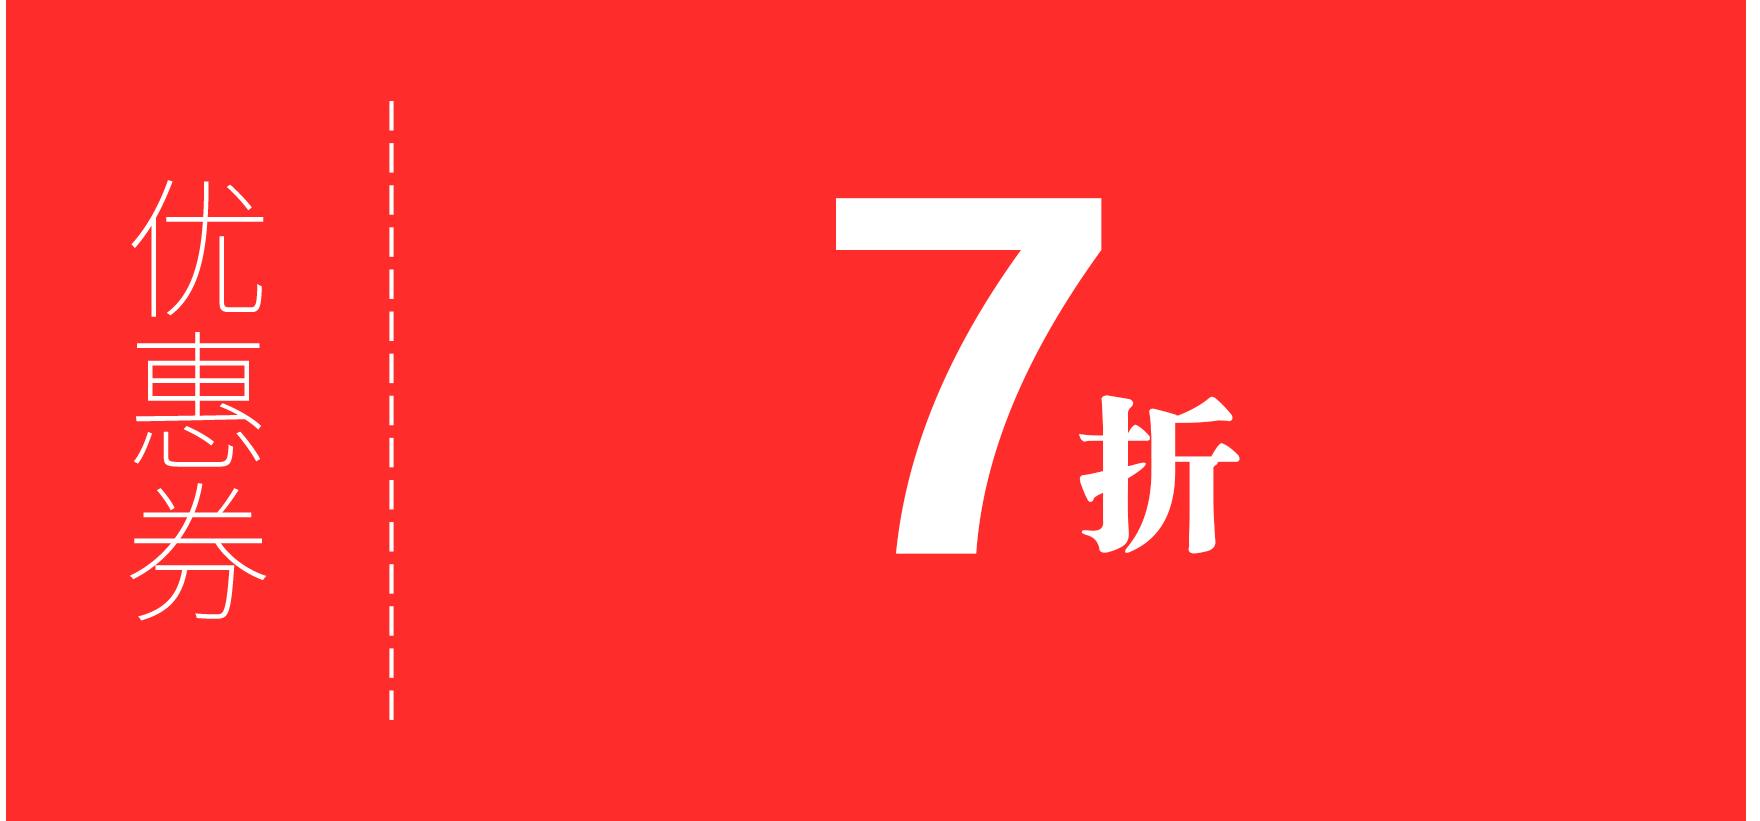 【优惠】双十一优惠享不停